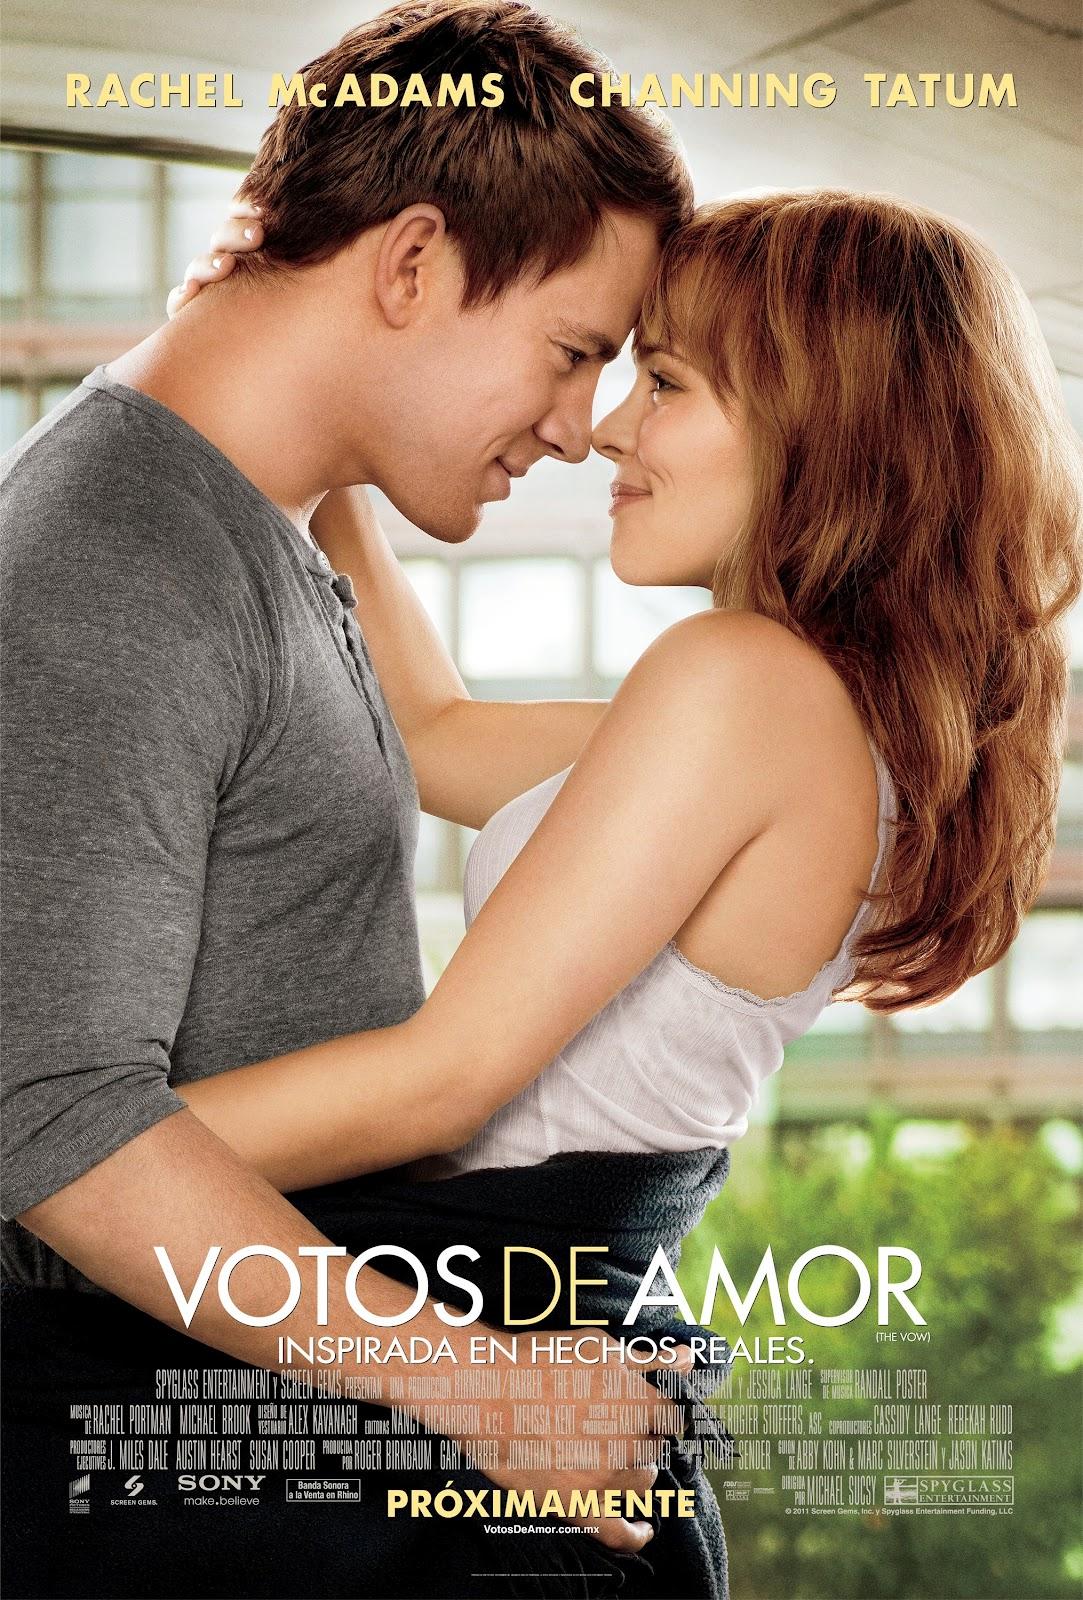 http://2.bp.blogspot.com/-V_hM9a_pikY/UFjeOMMTVHI/AAAAAAAAAsE/zYfw6djCI7E/s1600/votos_de_amor.jpg